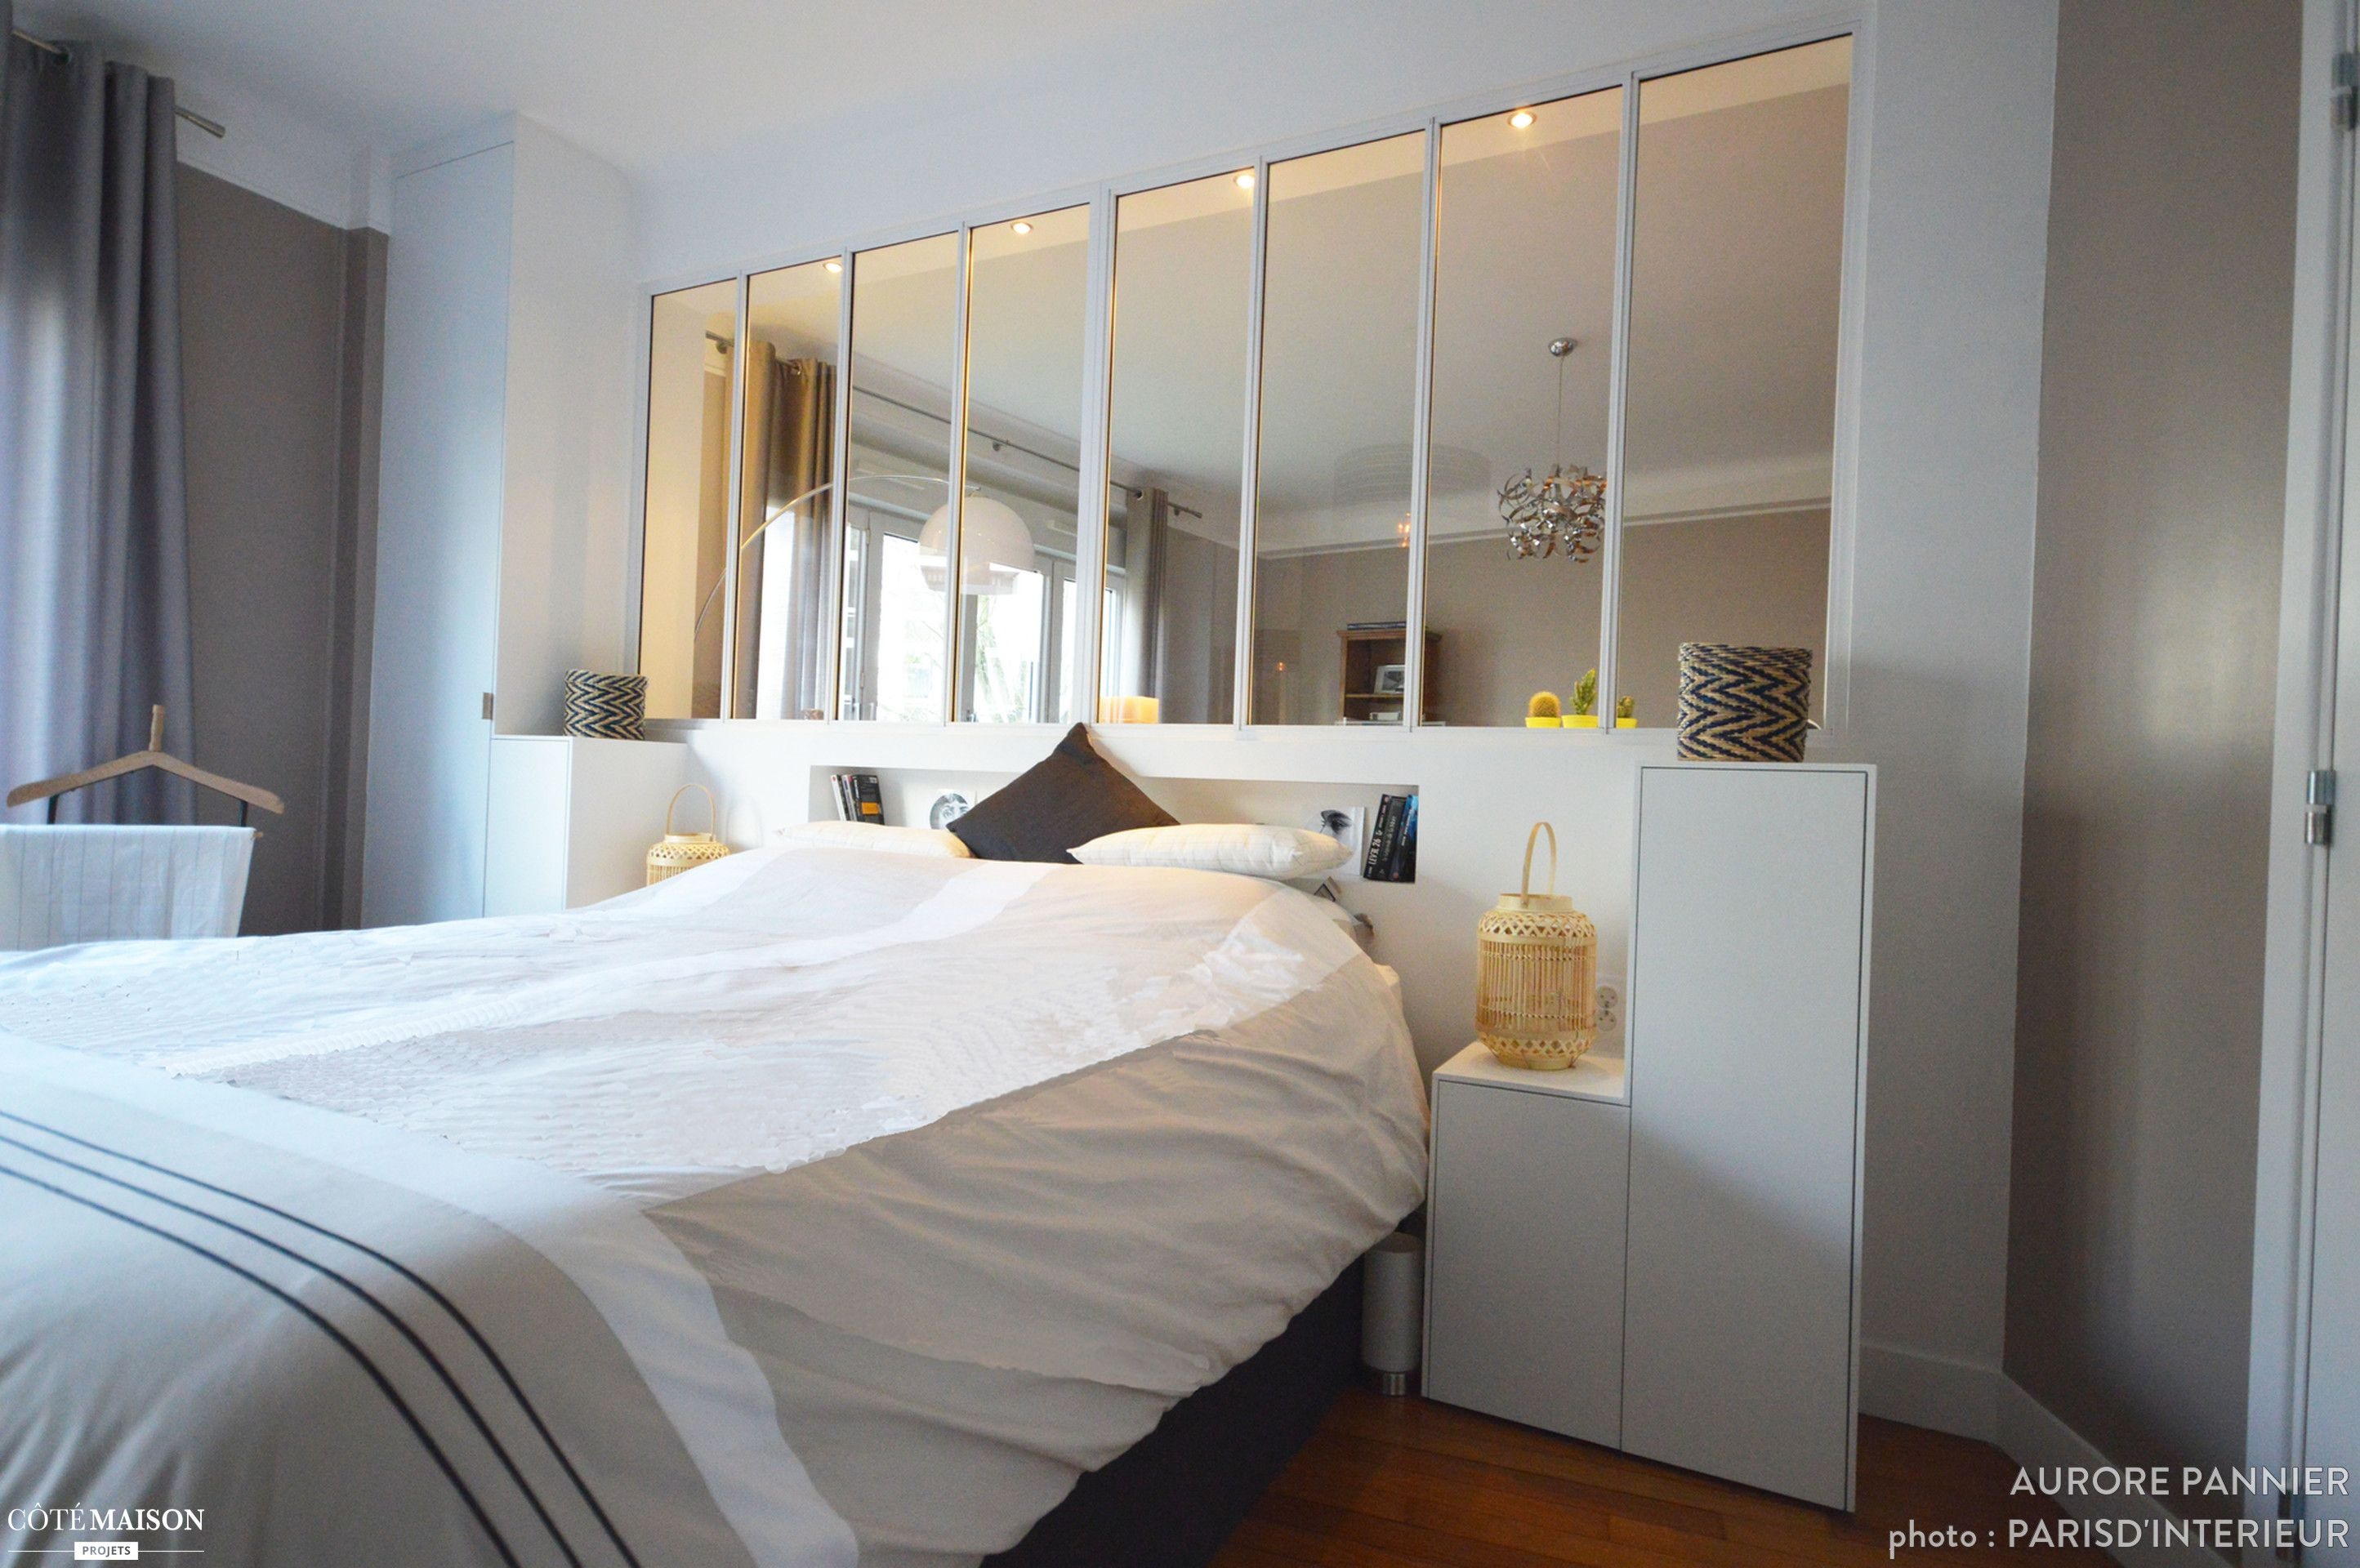 Separer Une Chambre D Un Salon création d'une verrière chambre/salon, versailles, aurore